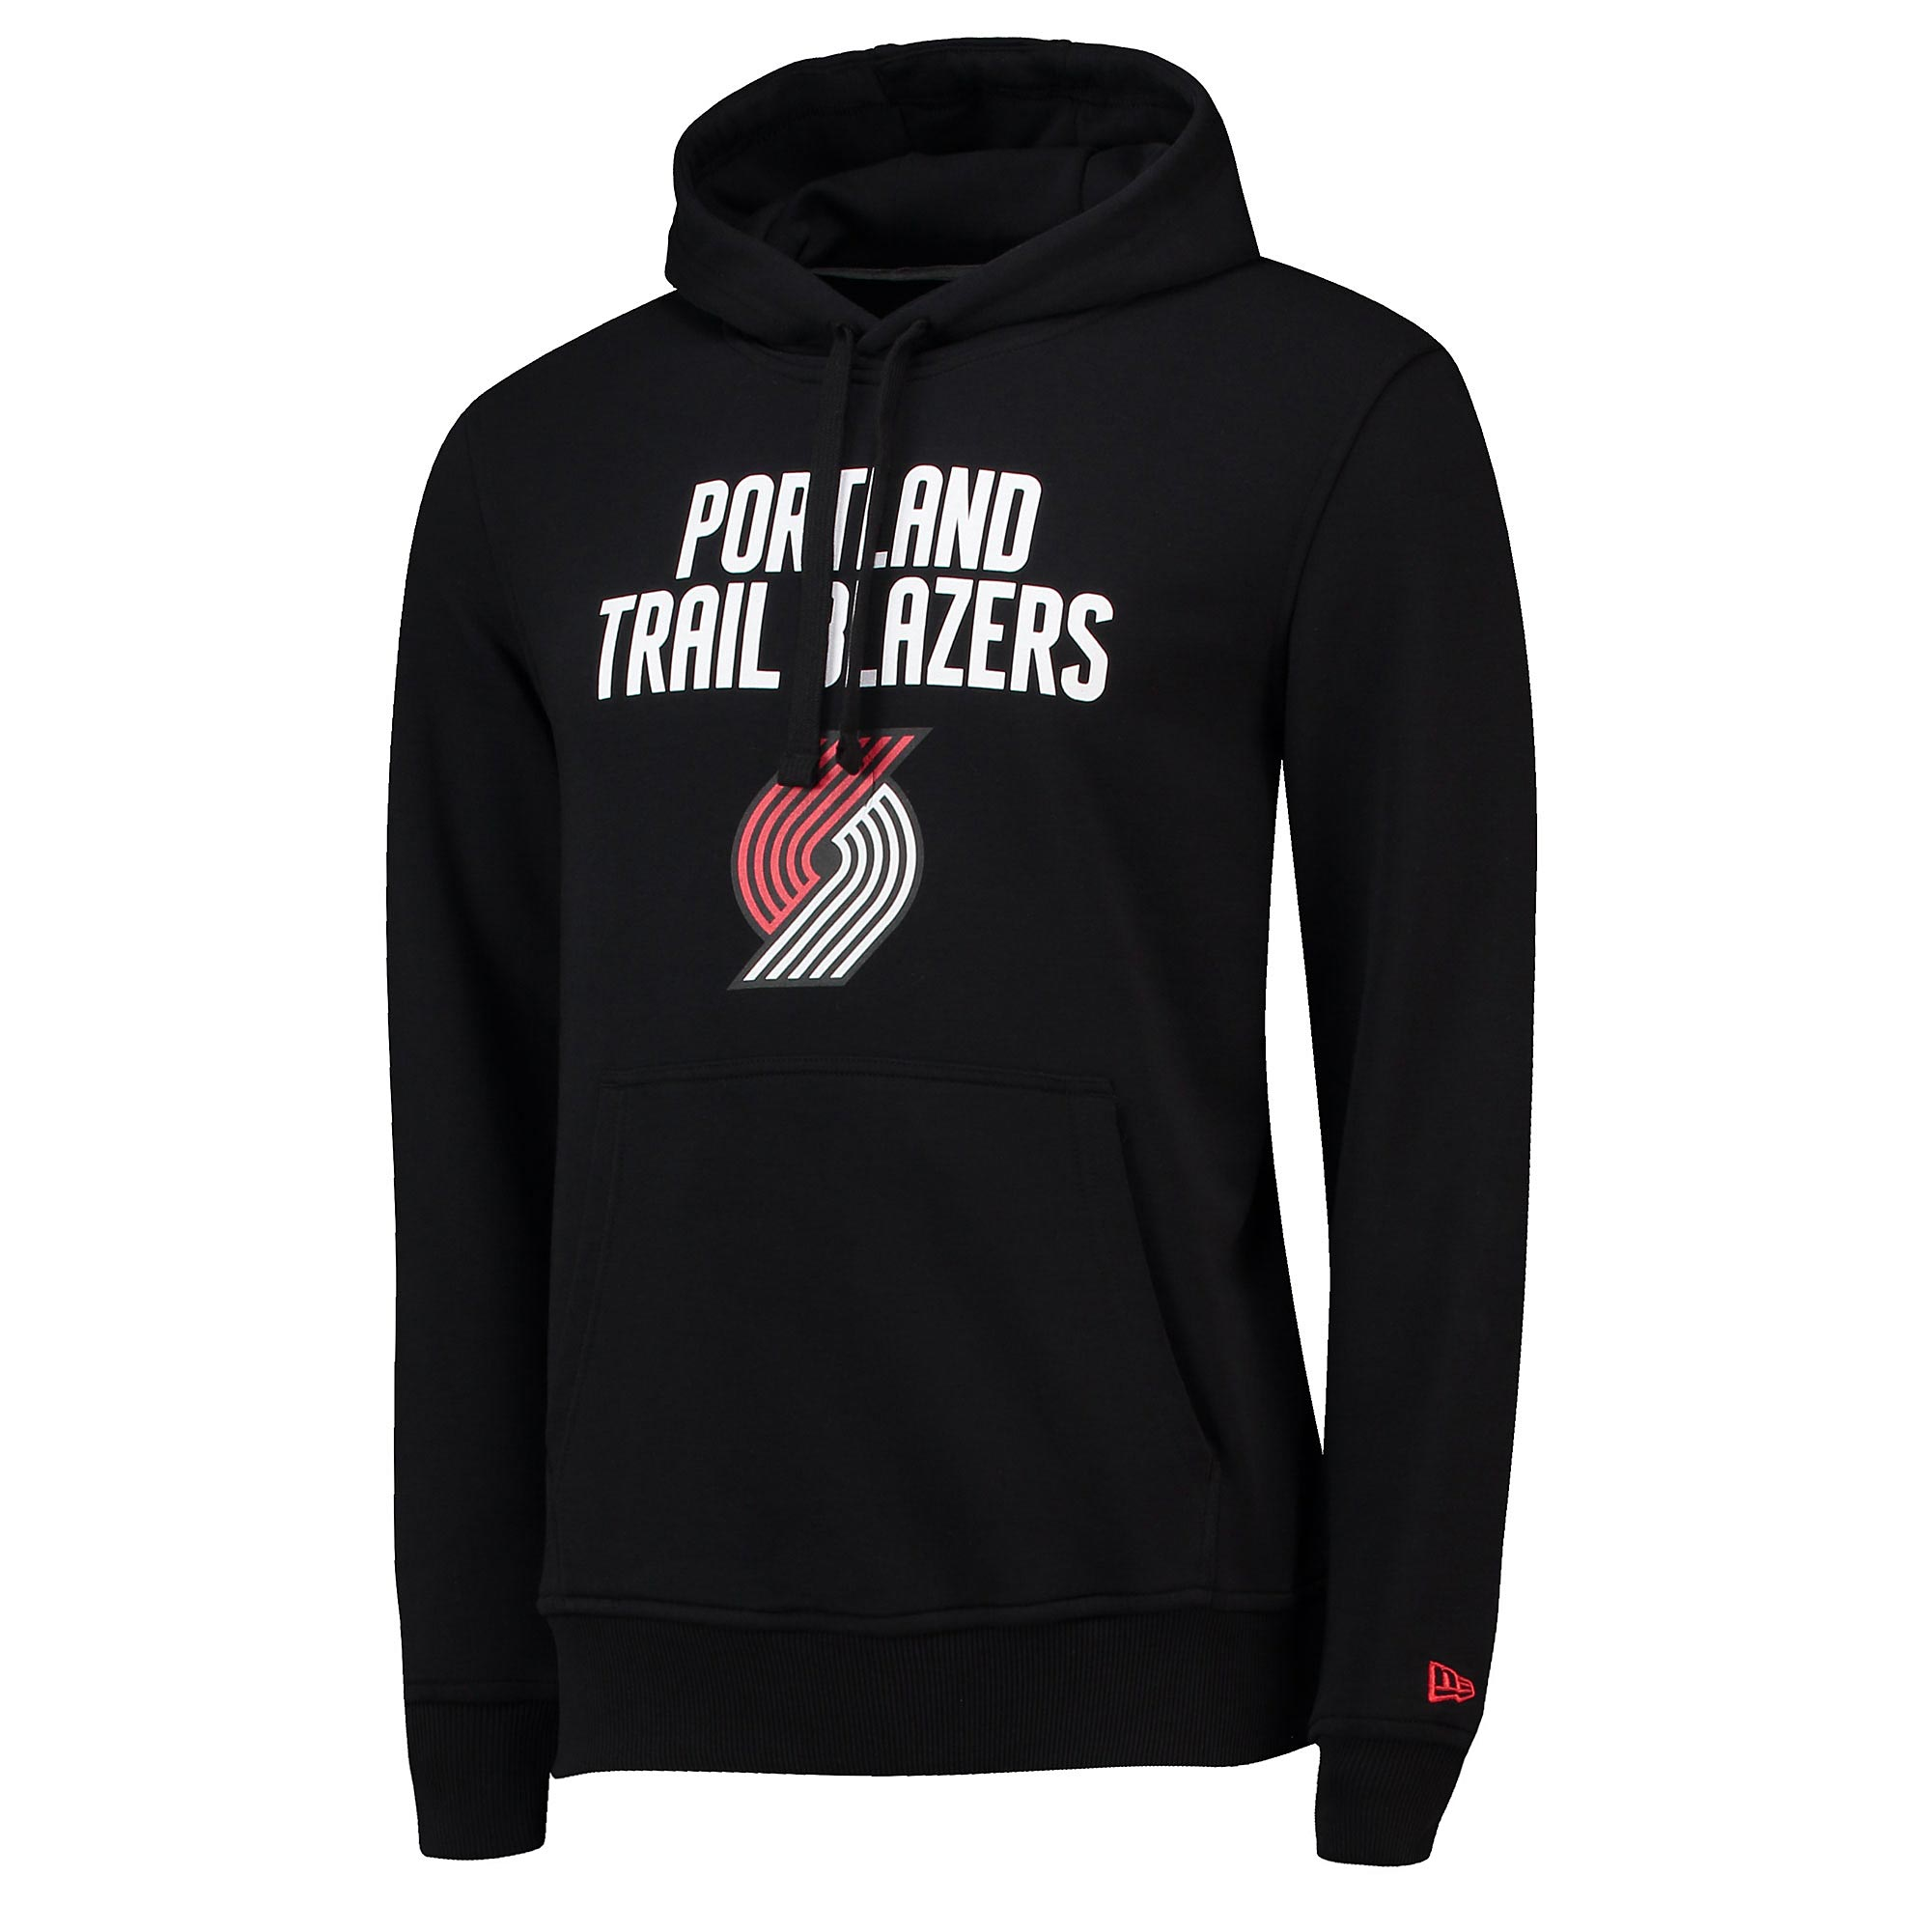 Sudadera con capucha de los Portland Trail Blazers con logotipo del equipo de New Era para hombre